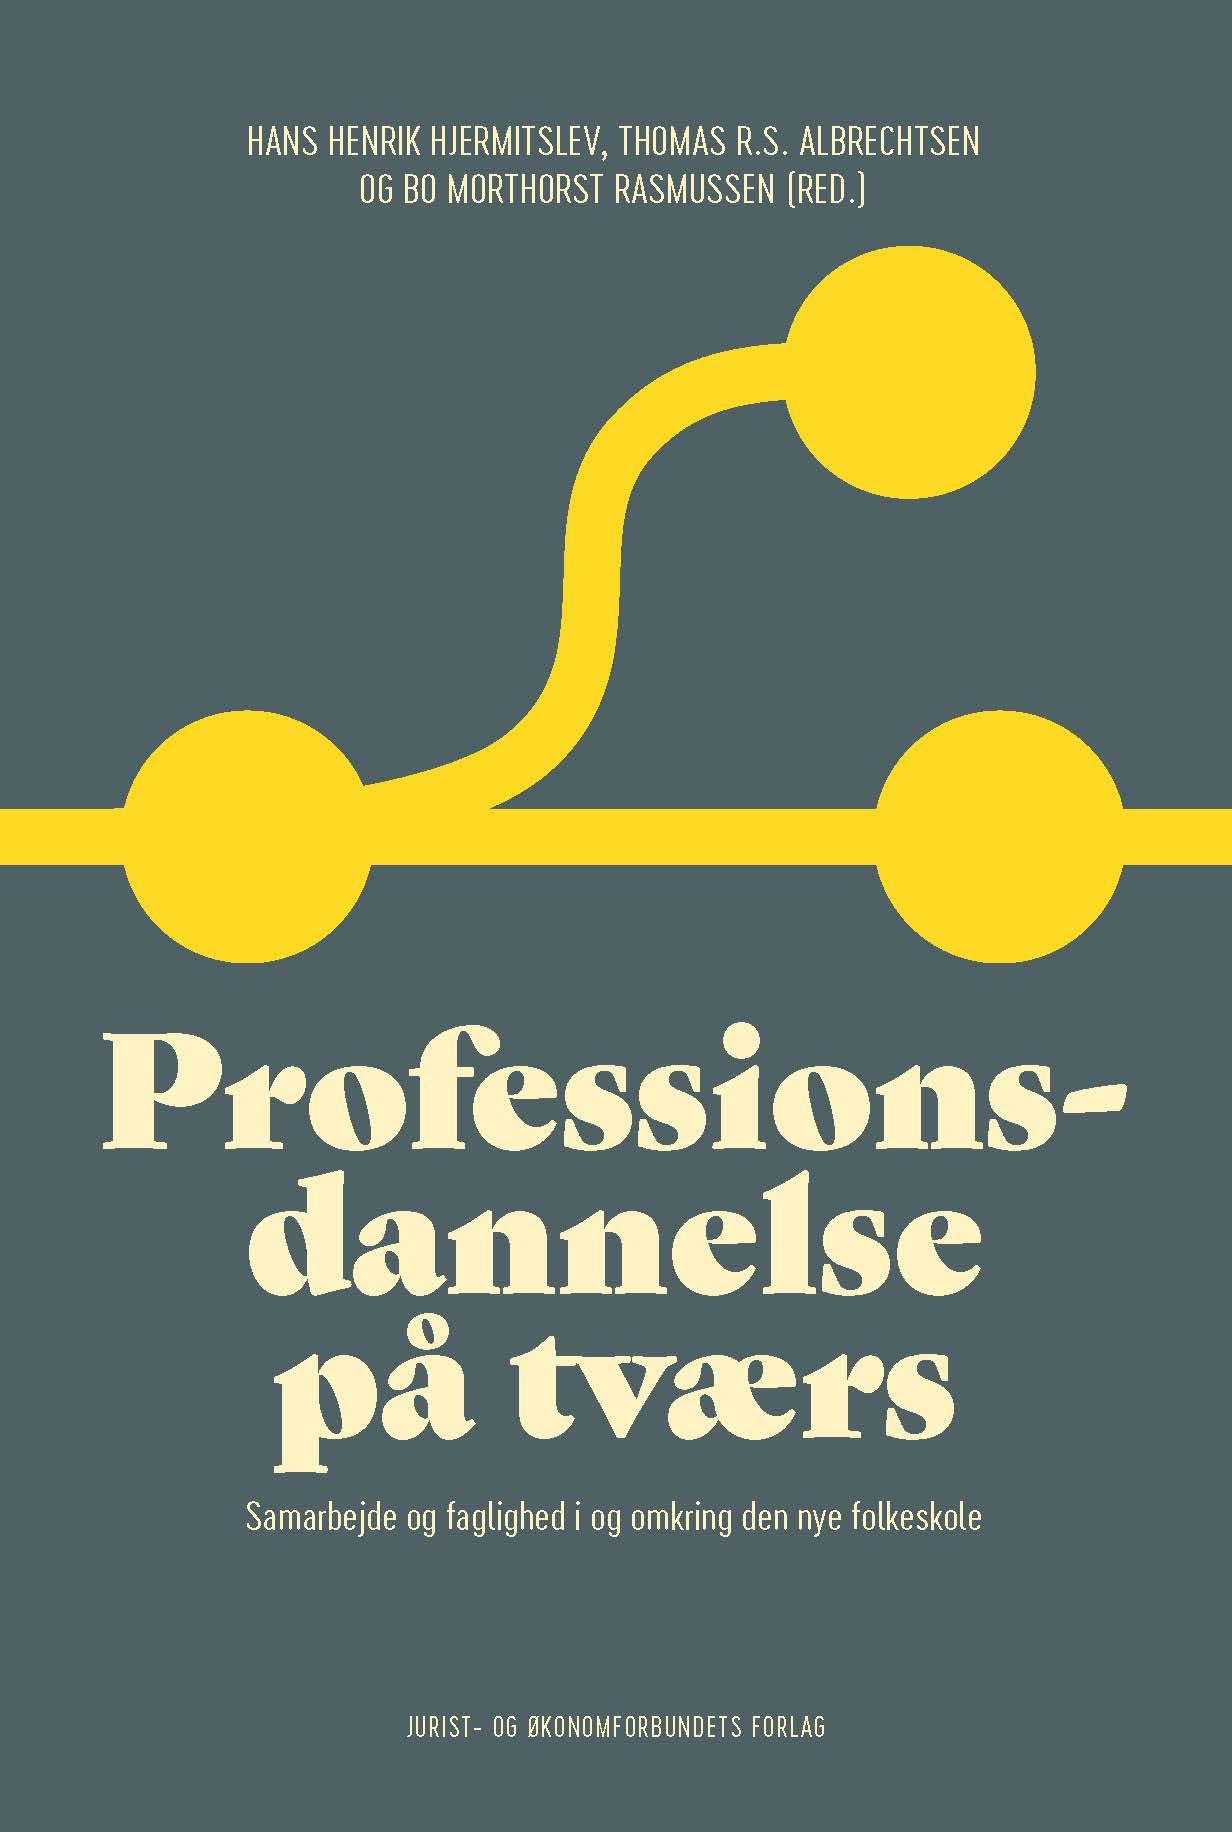 Professionsdannelse på tværs